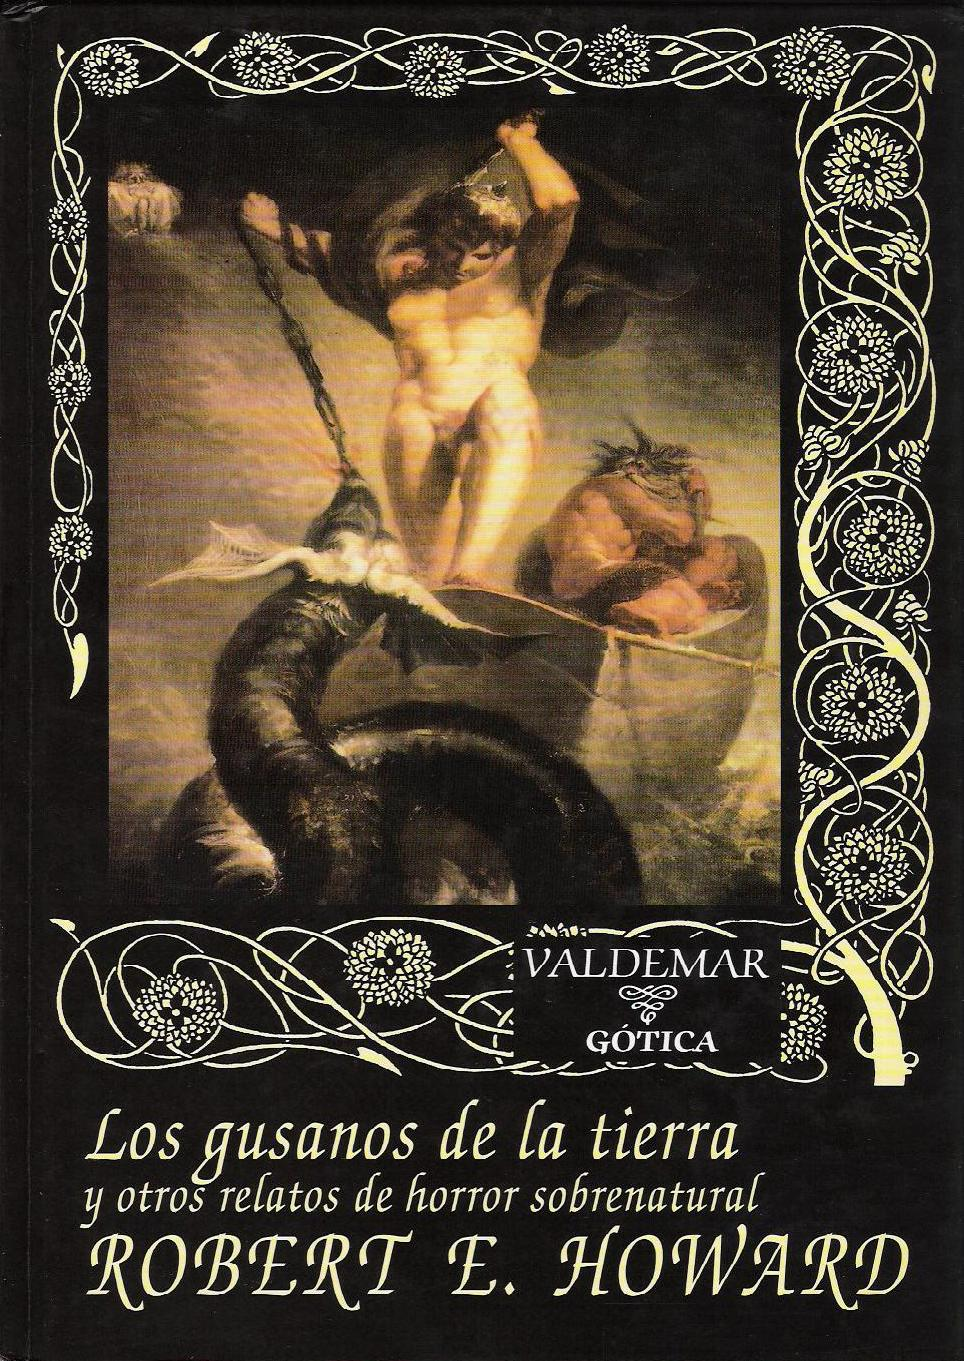 los gusanos de la tierra Valdemar